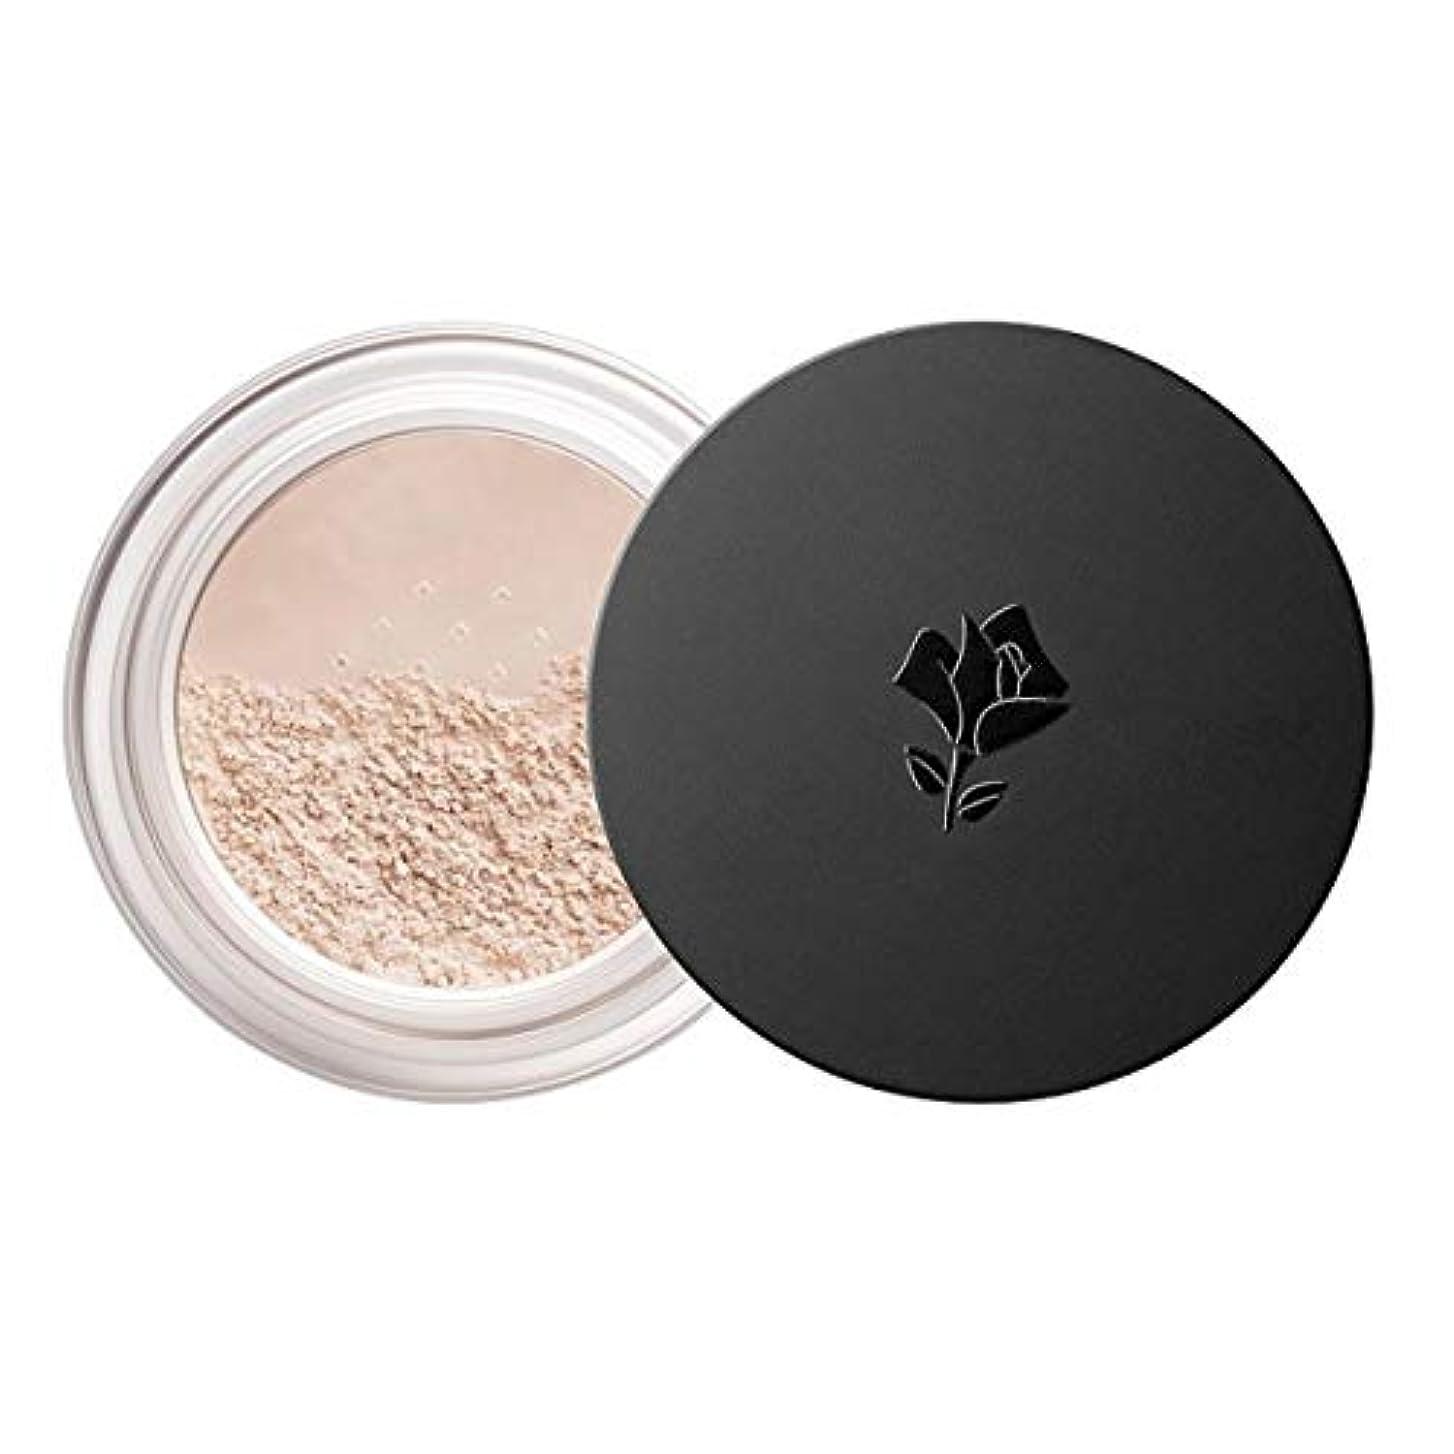 可塑性暗殺する内なるランコム Long Time No Shine Loose Setting & Mattifying Powder - # Translucent 15g/0.52oz並行輸入品